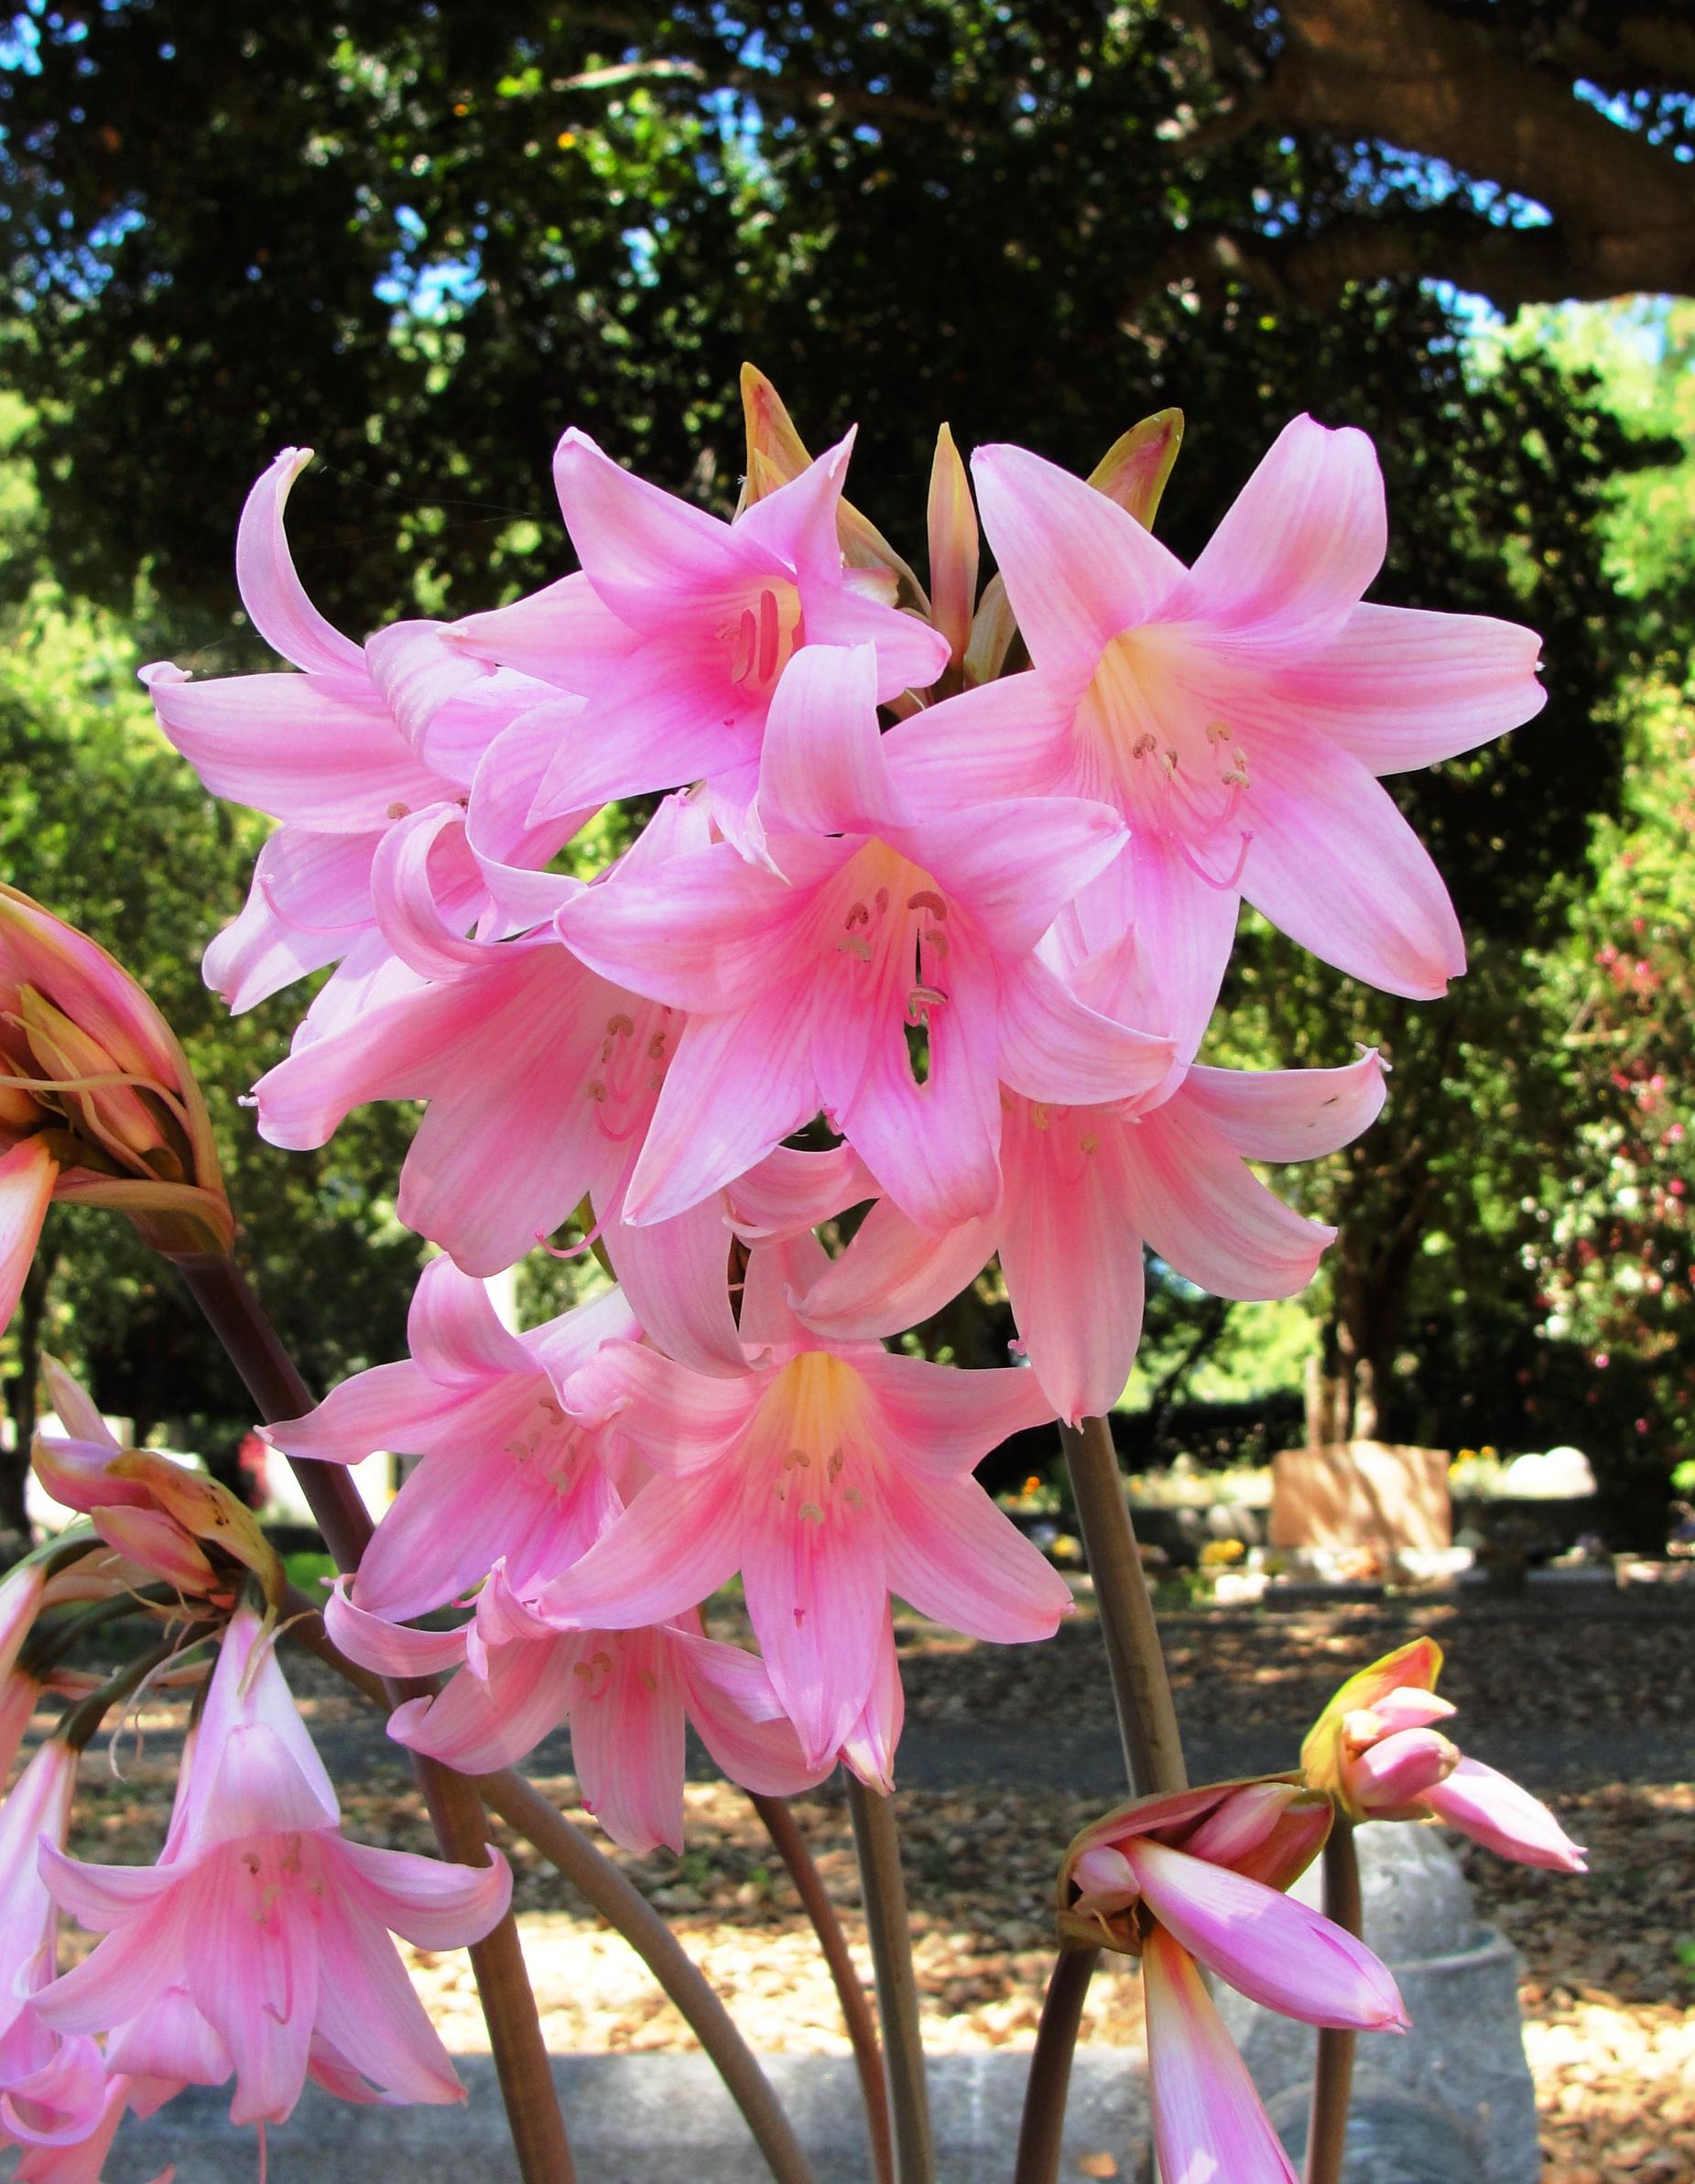 heritage lilies  braman's wanderings, Beautiful flower